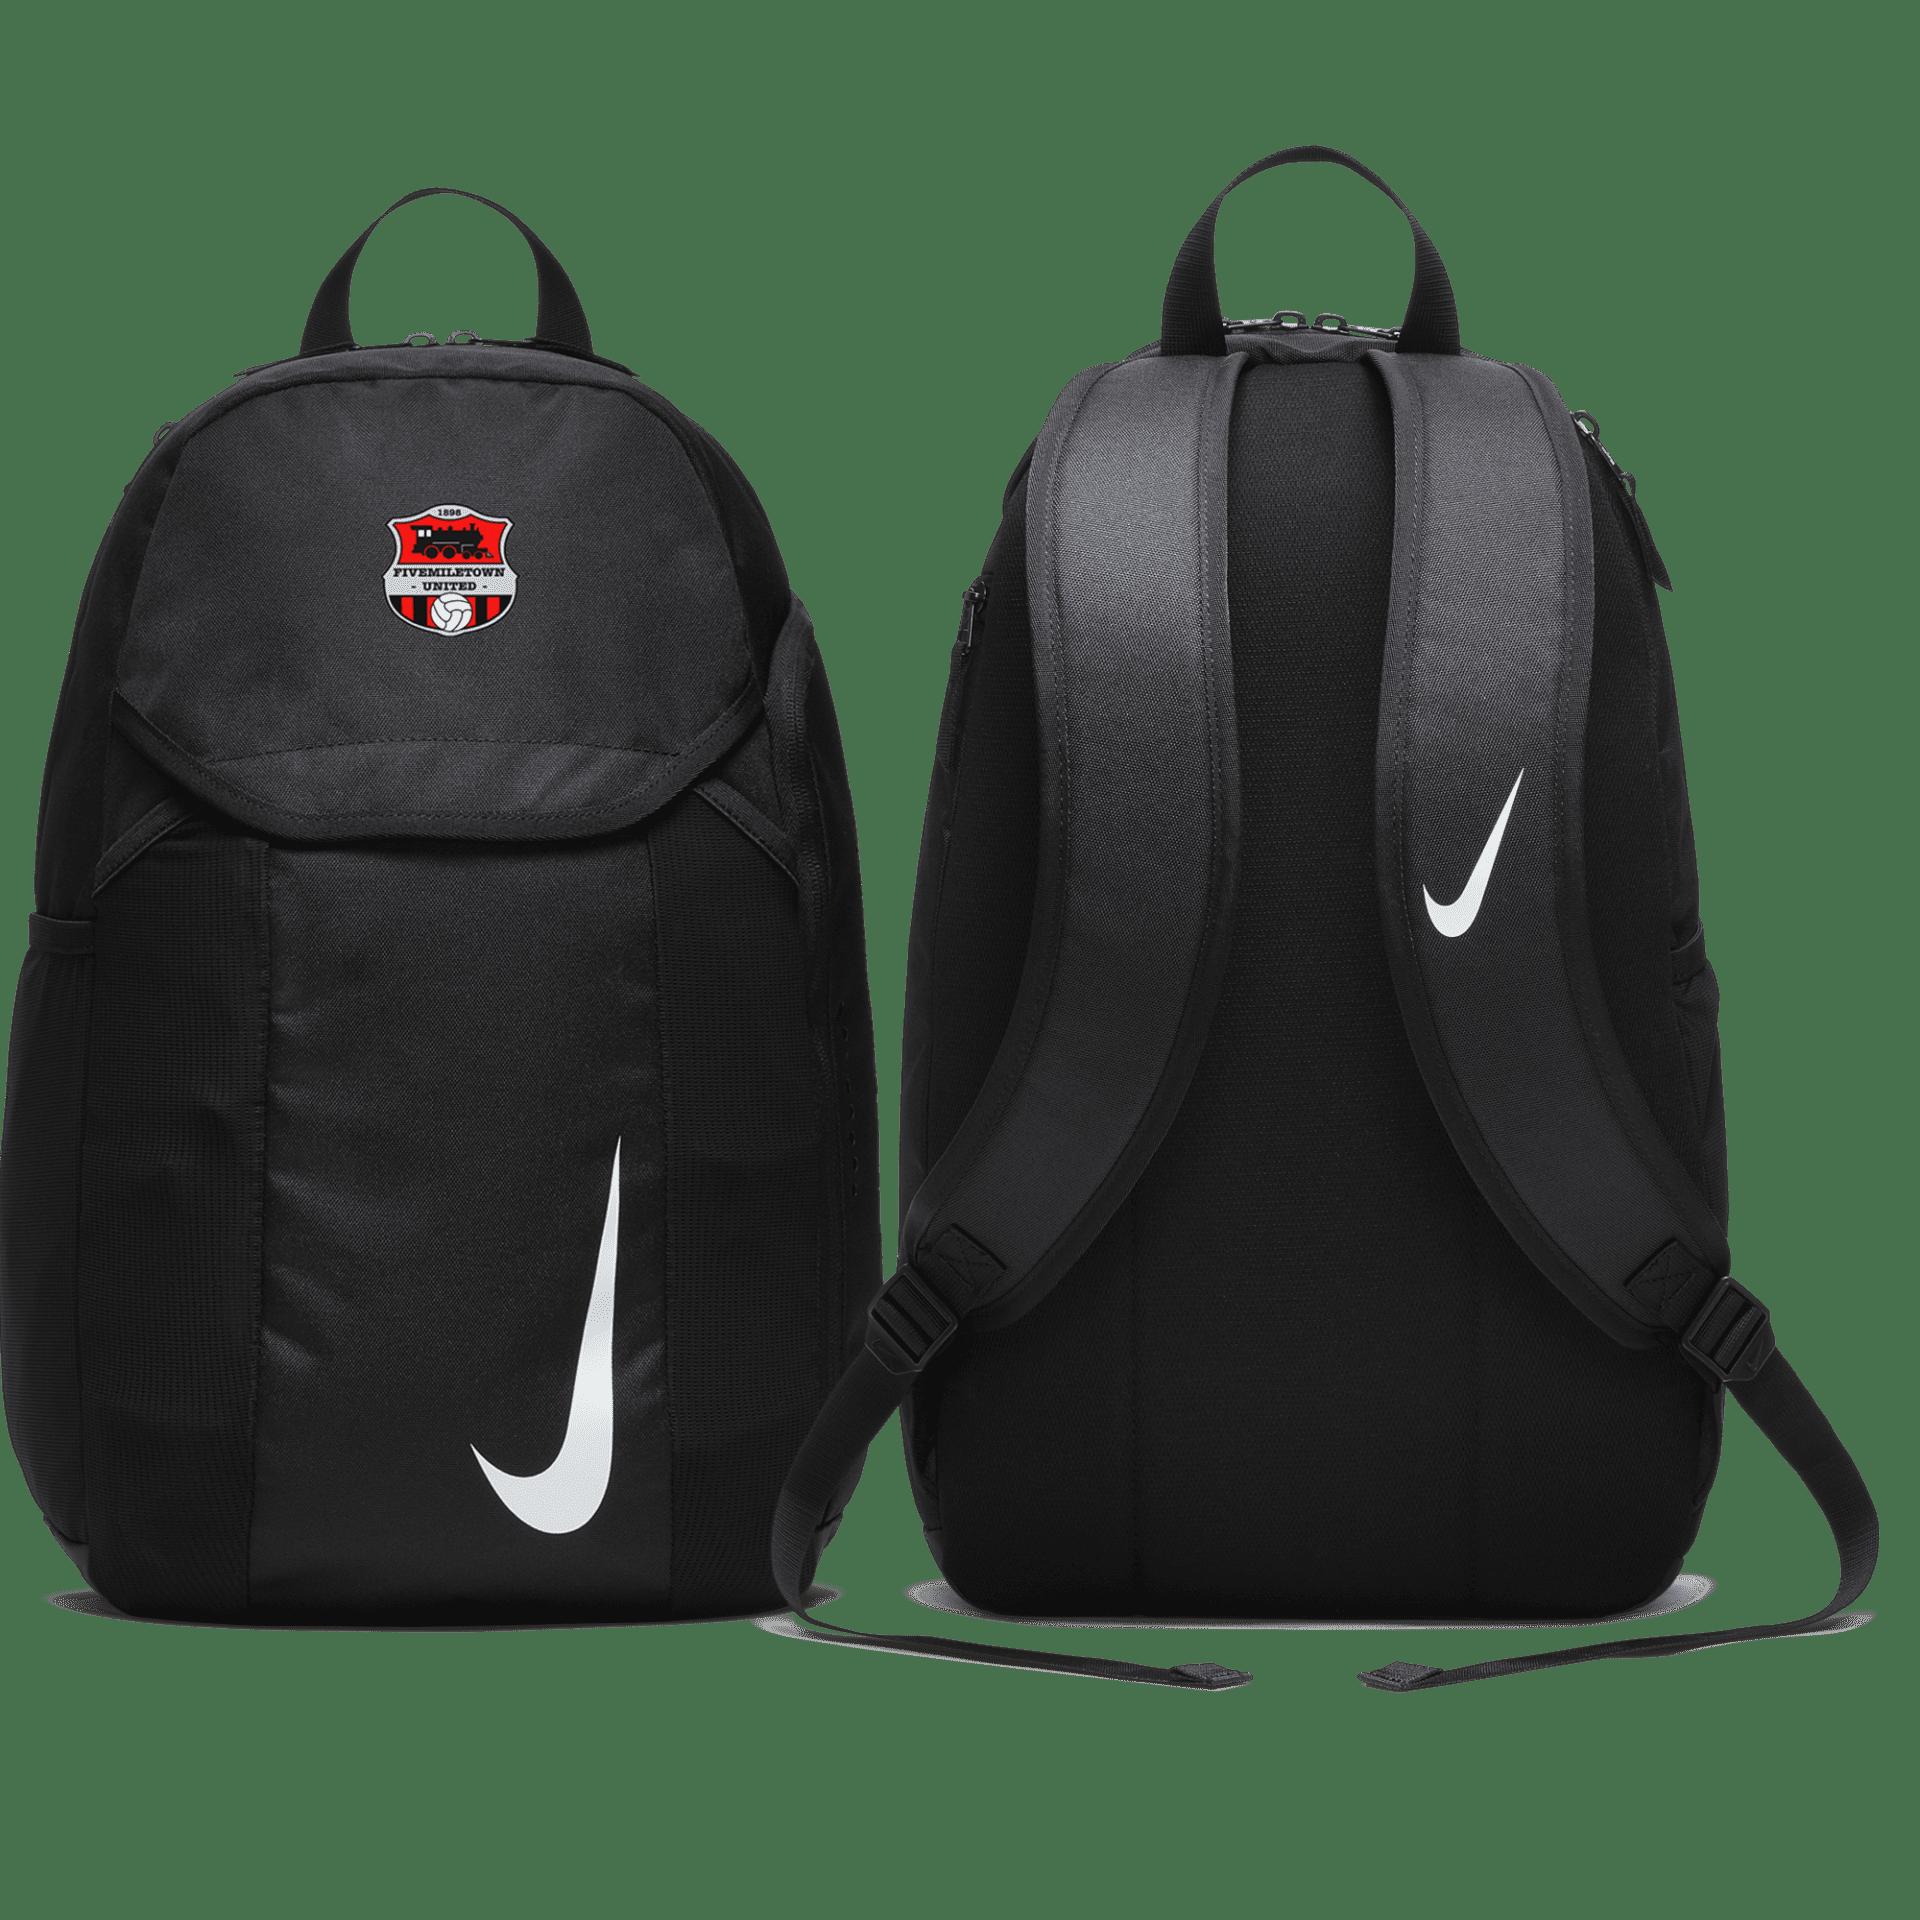 fivemiletown utd backpack 34351 p